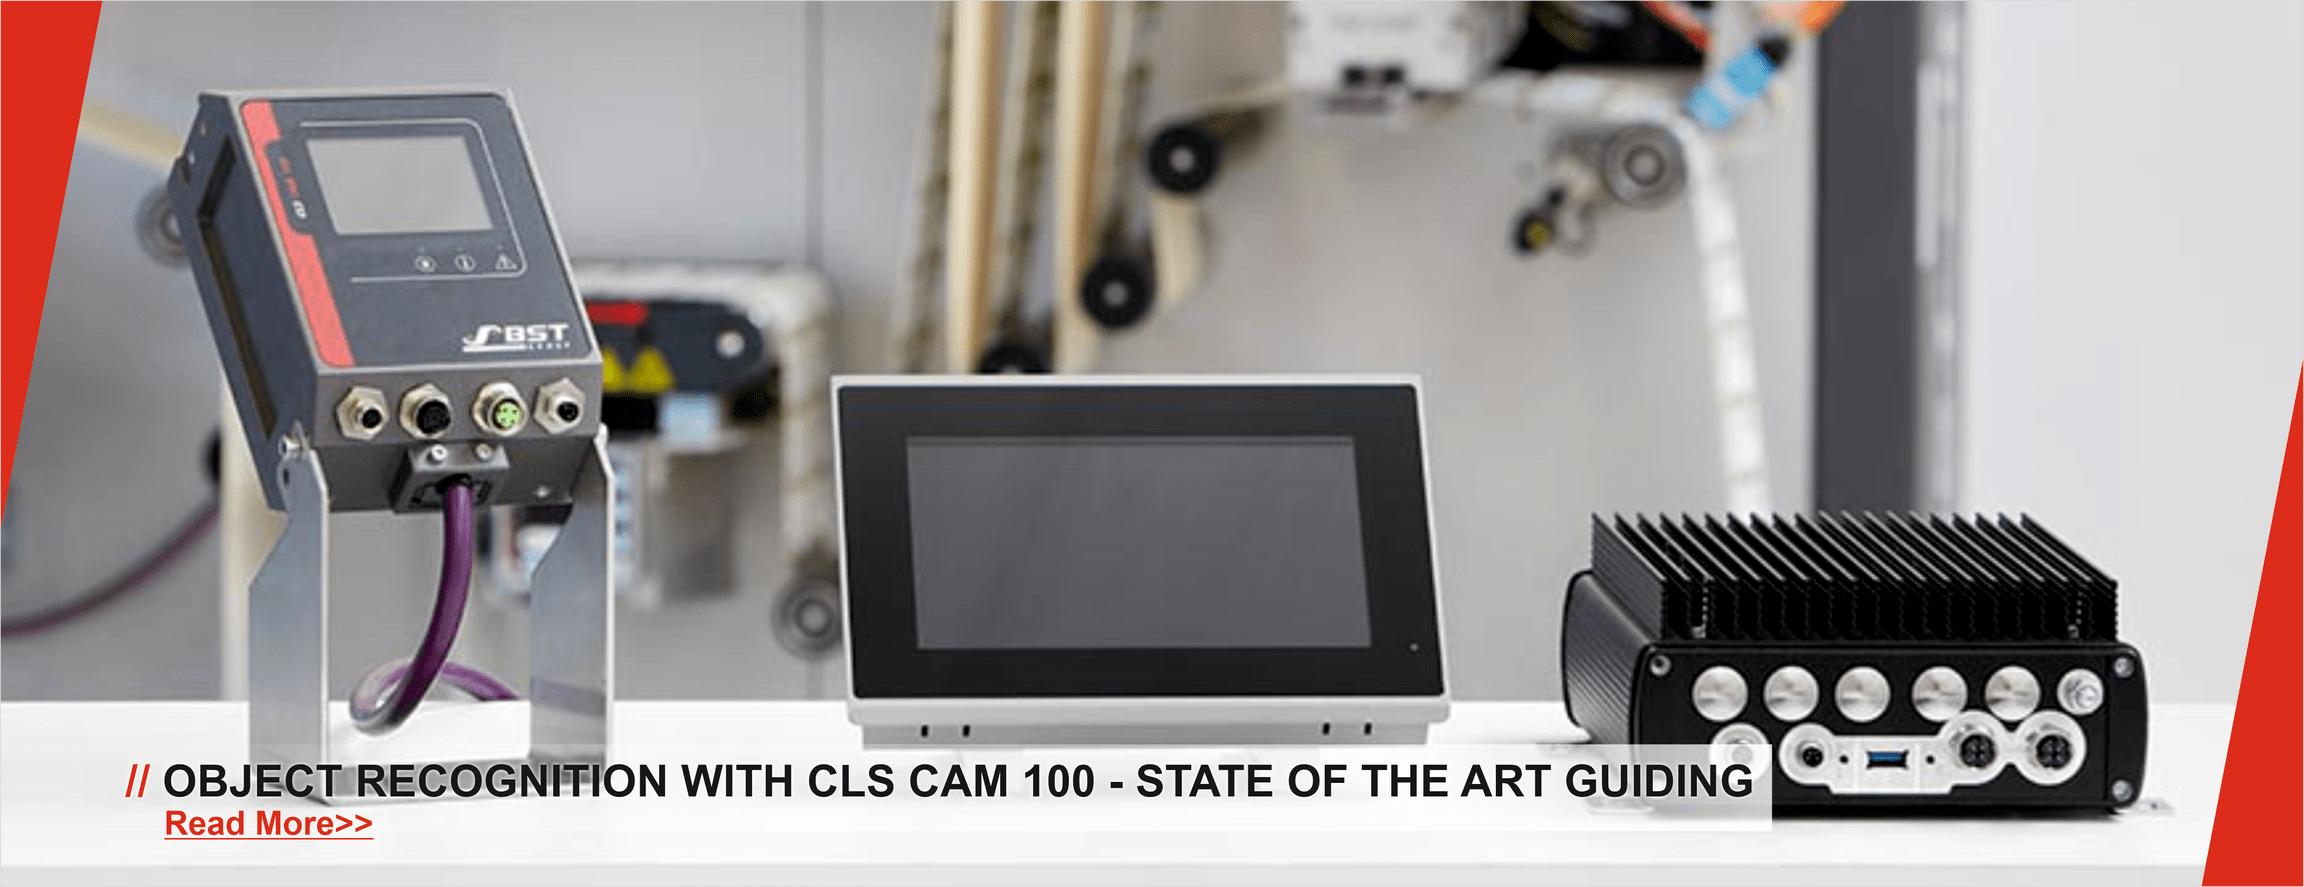 CLS CAM 100